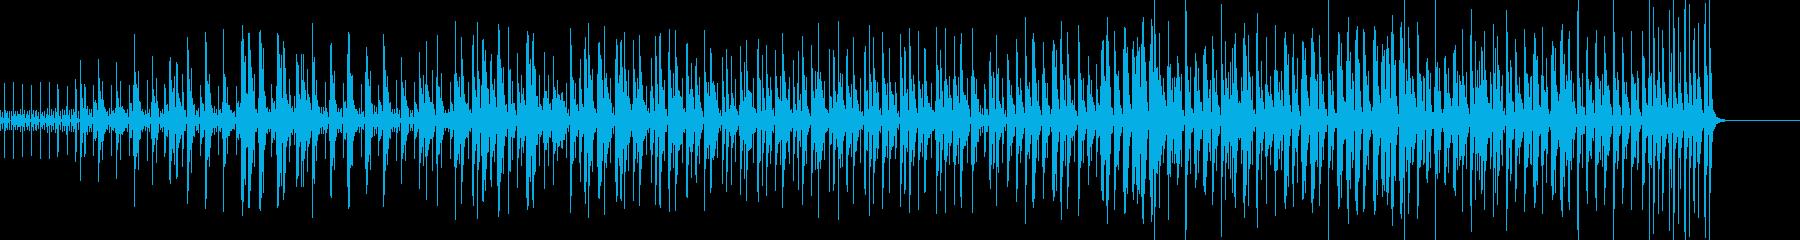 ロビーをイメージした曲。の再生済みの波形